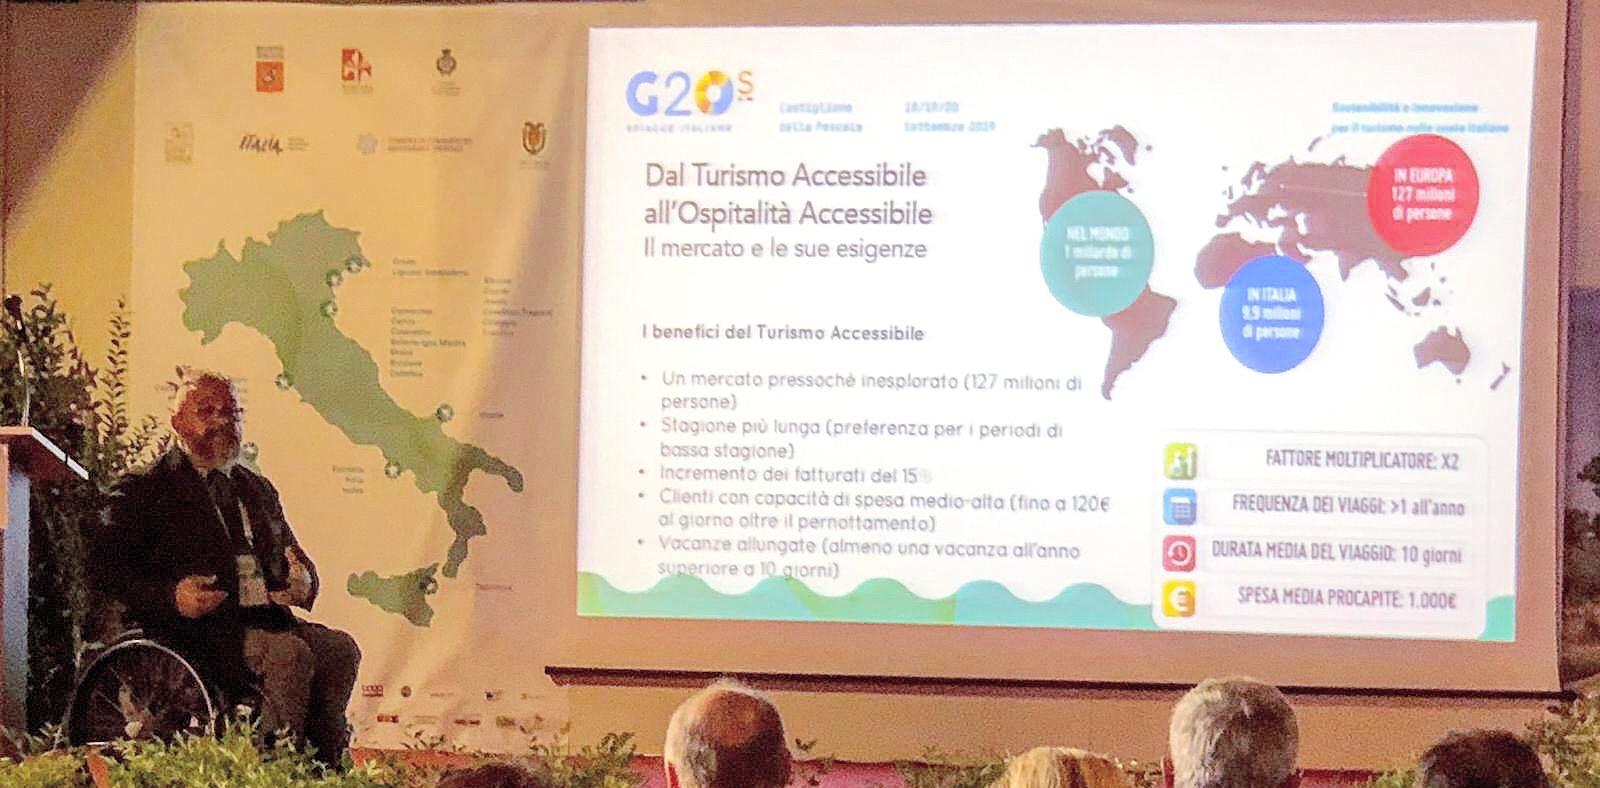 Roberto Vitali presenta il Tool Kit Ospitalità Accessibile al G20s